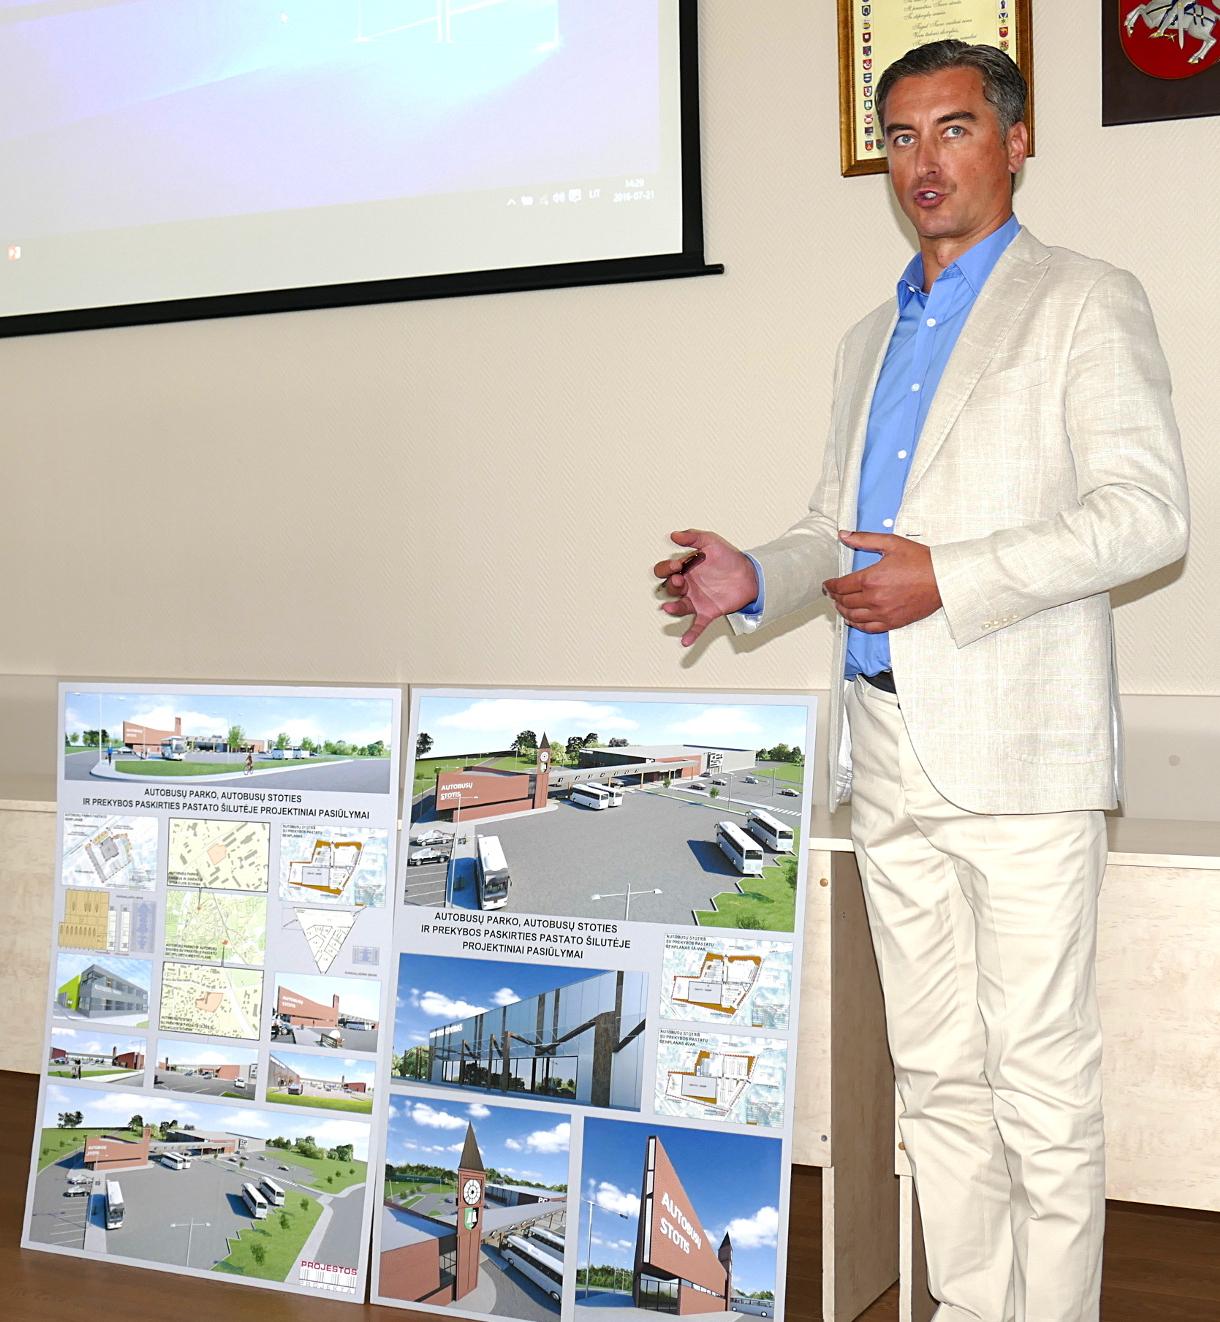 """UAB """"Projestos projektai"""" generalinis direktorius Rytis Kanapėnas tikisi, kad naują autobusų stotį ir autobusų parką pavyks pastatyti iki 2017 metų Kalėdų, o blogiausiu atveju – iki 2018 metų pavasario."""